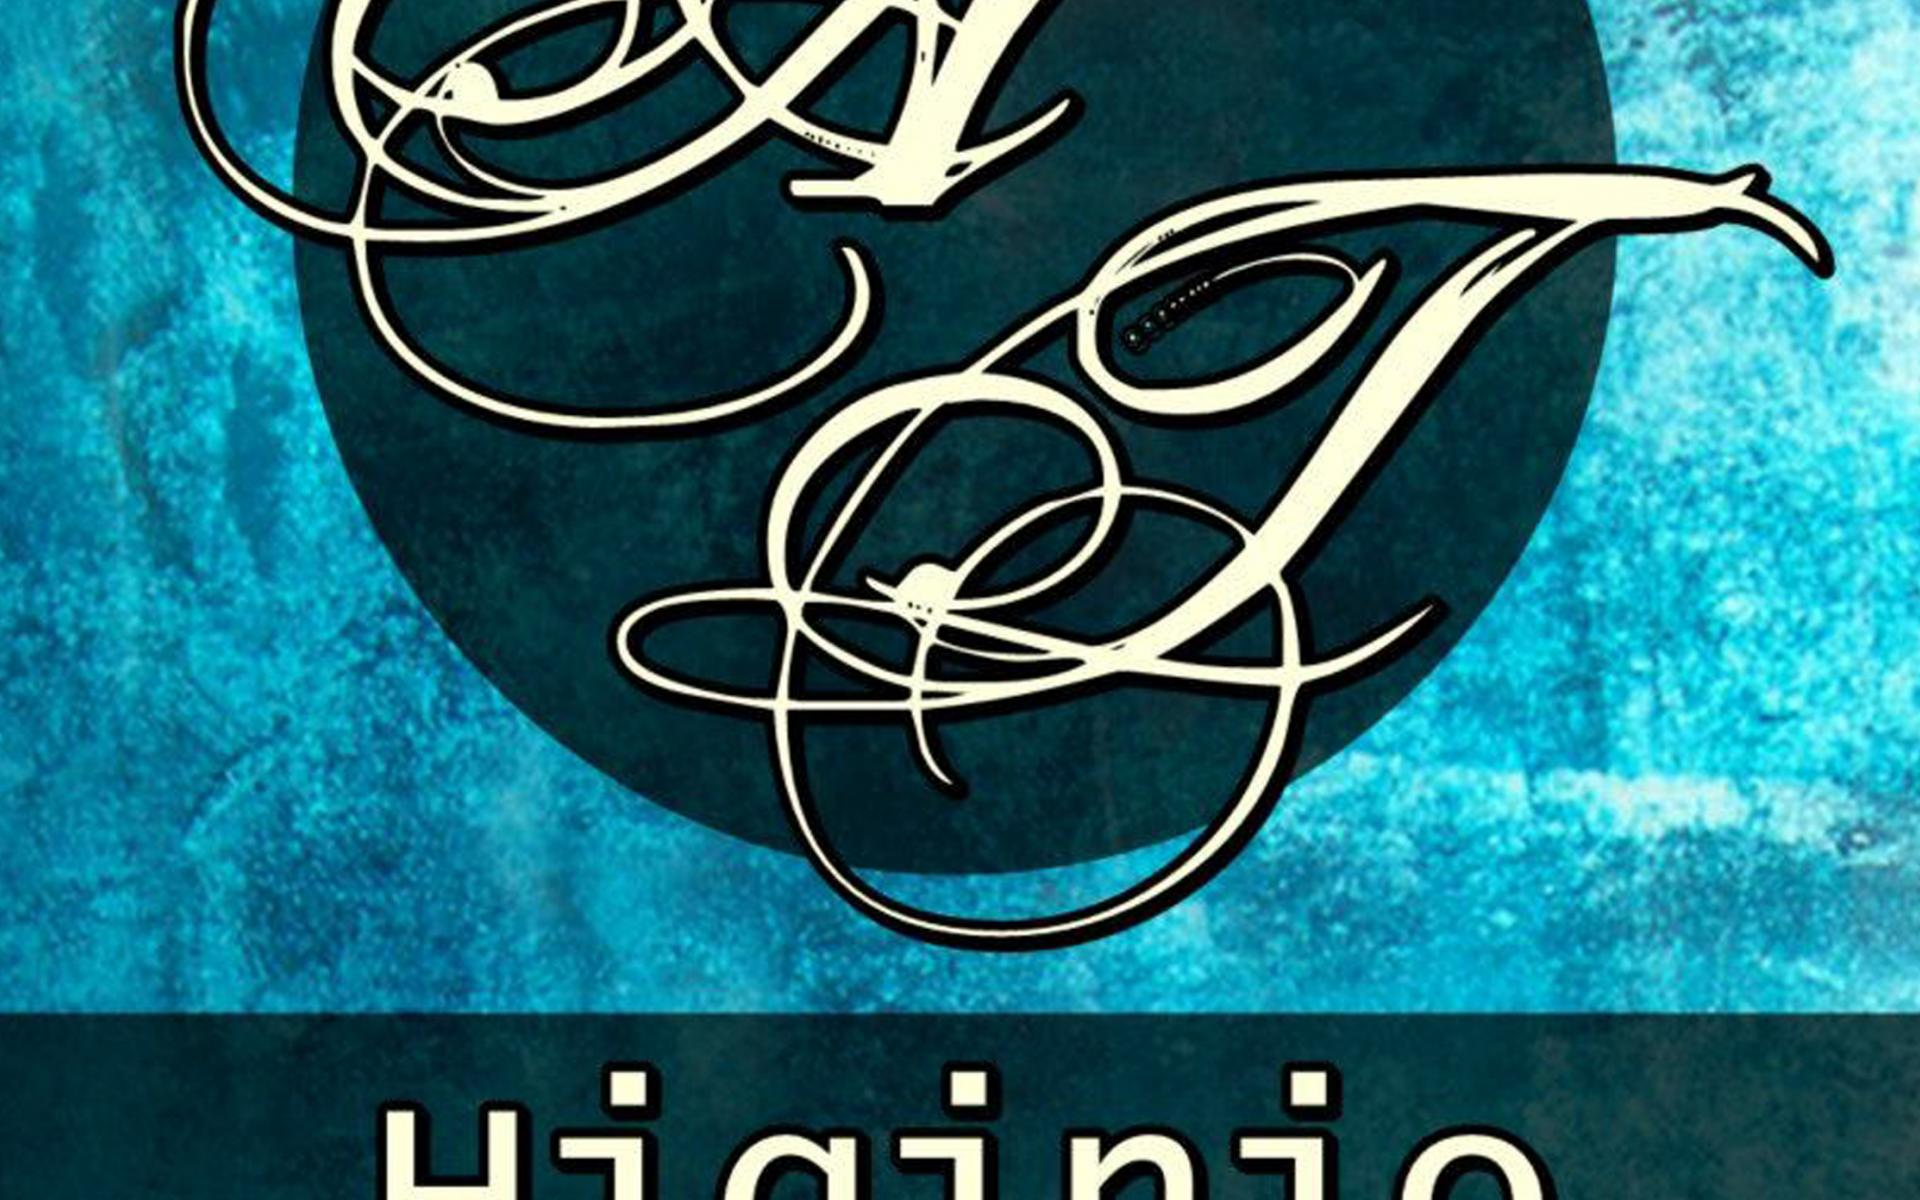 Higinio - Restless